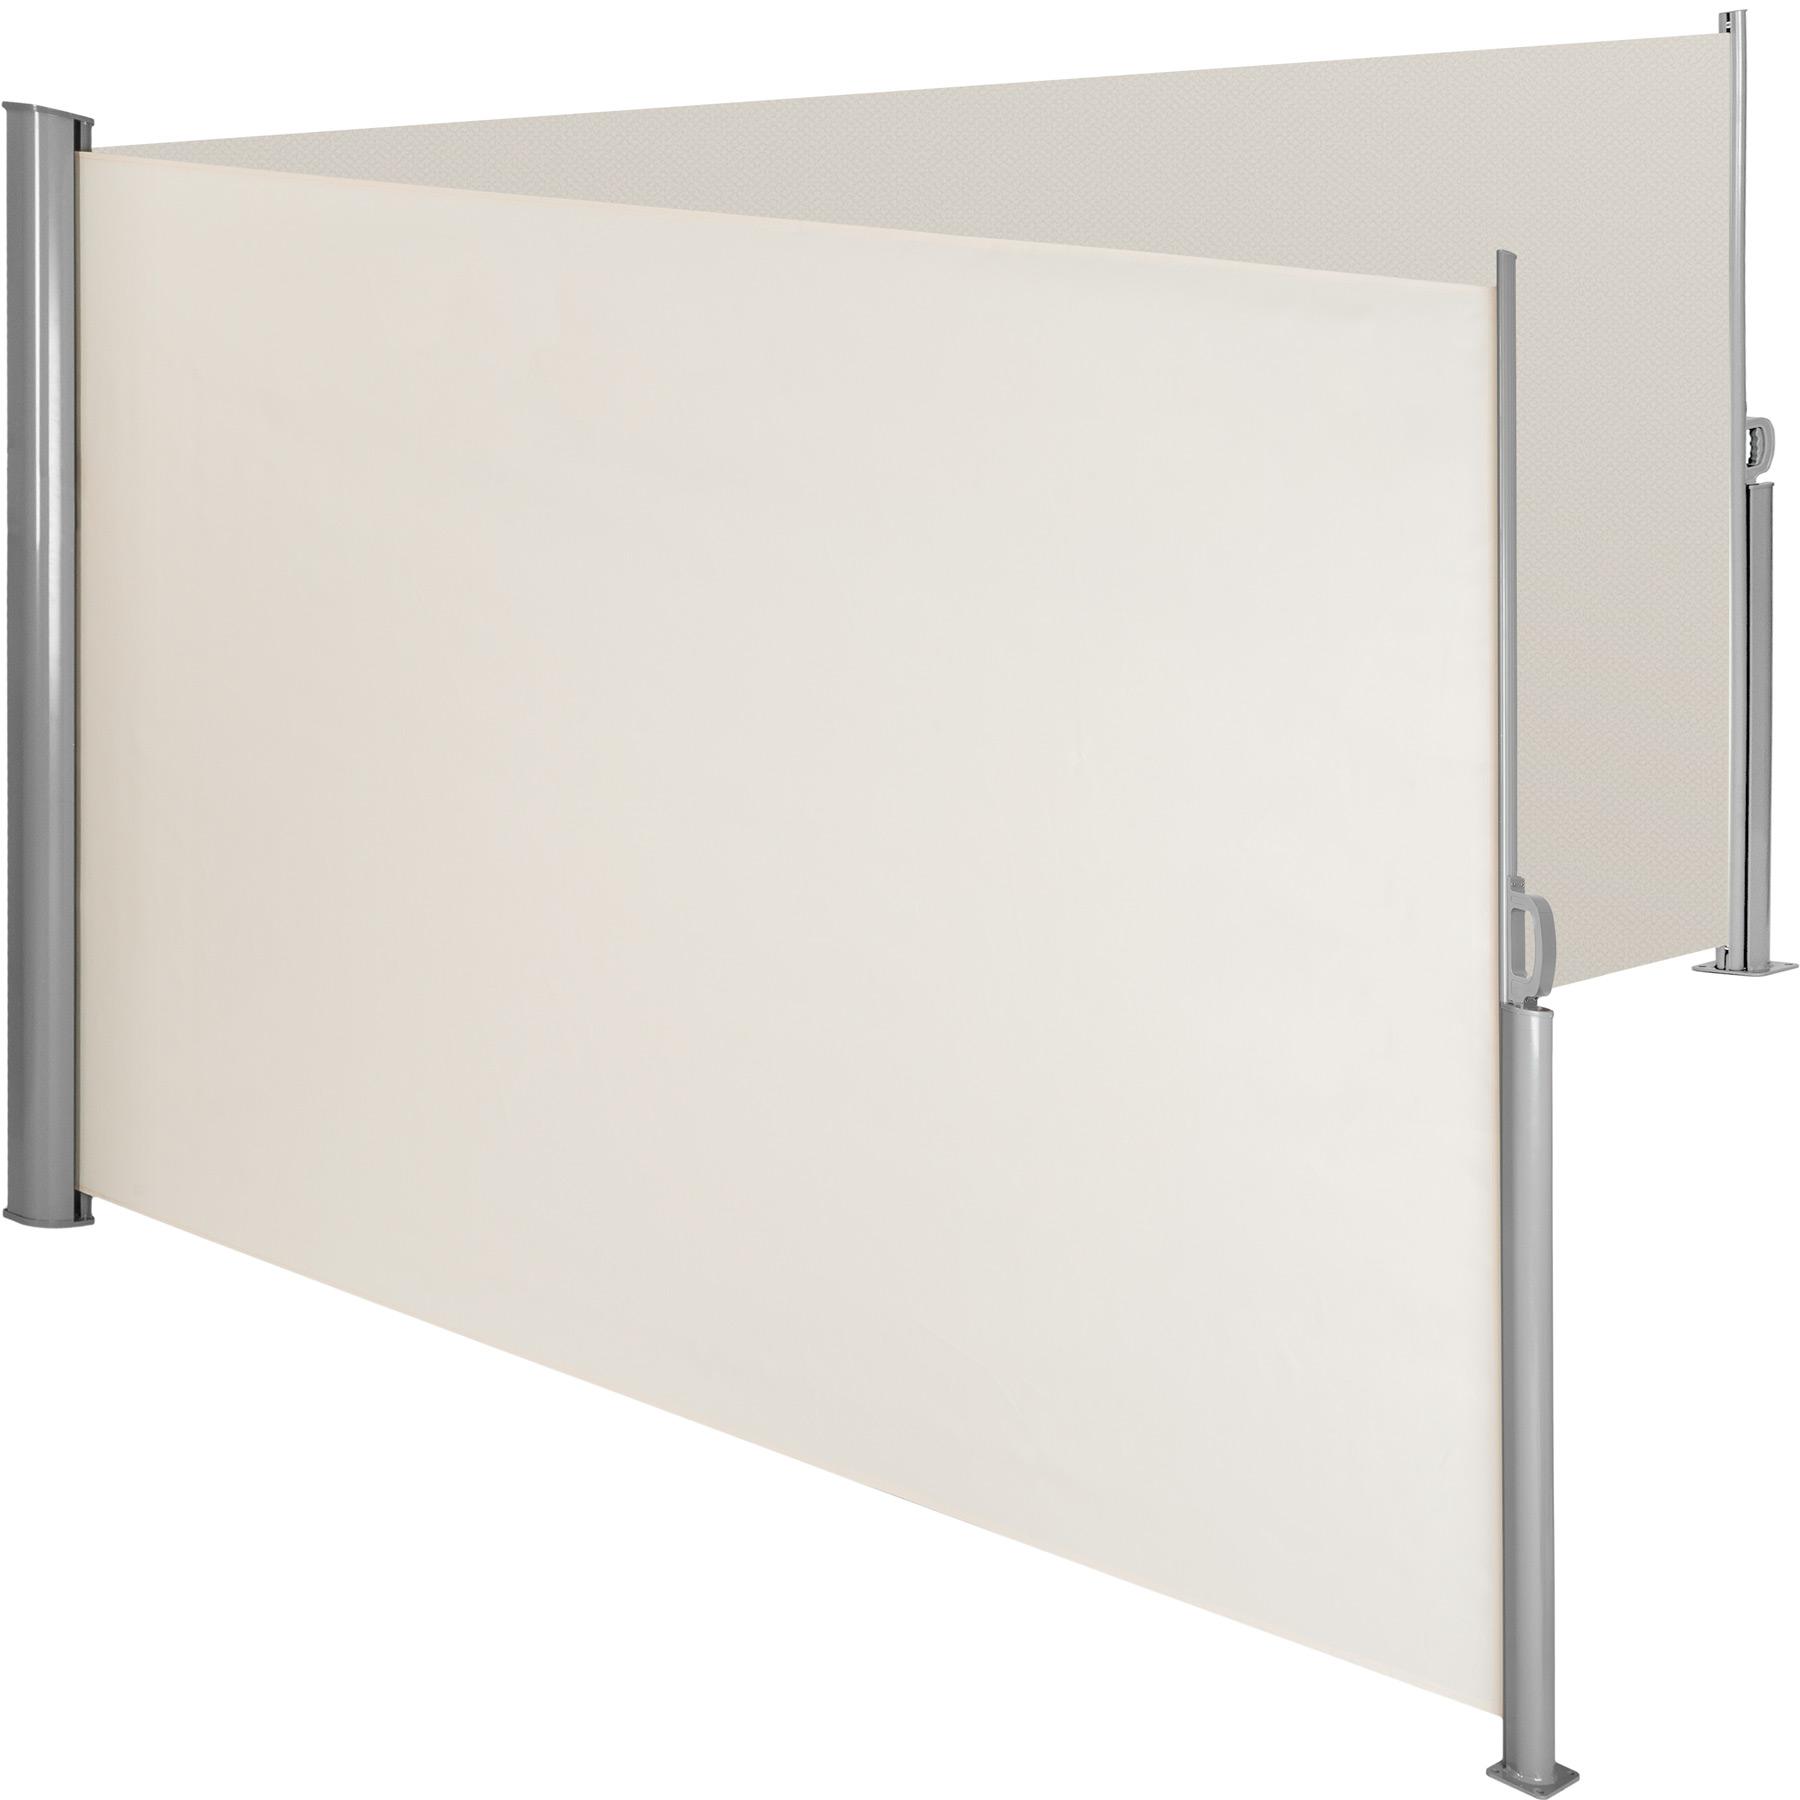 Aluminium Doppel Seitenmarkise - beige, 200 x 600 cm günstig online kaufen